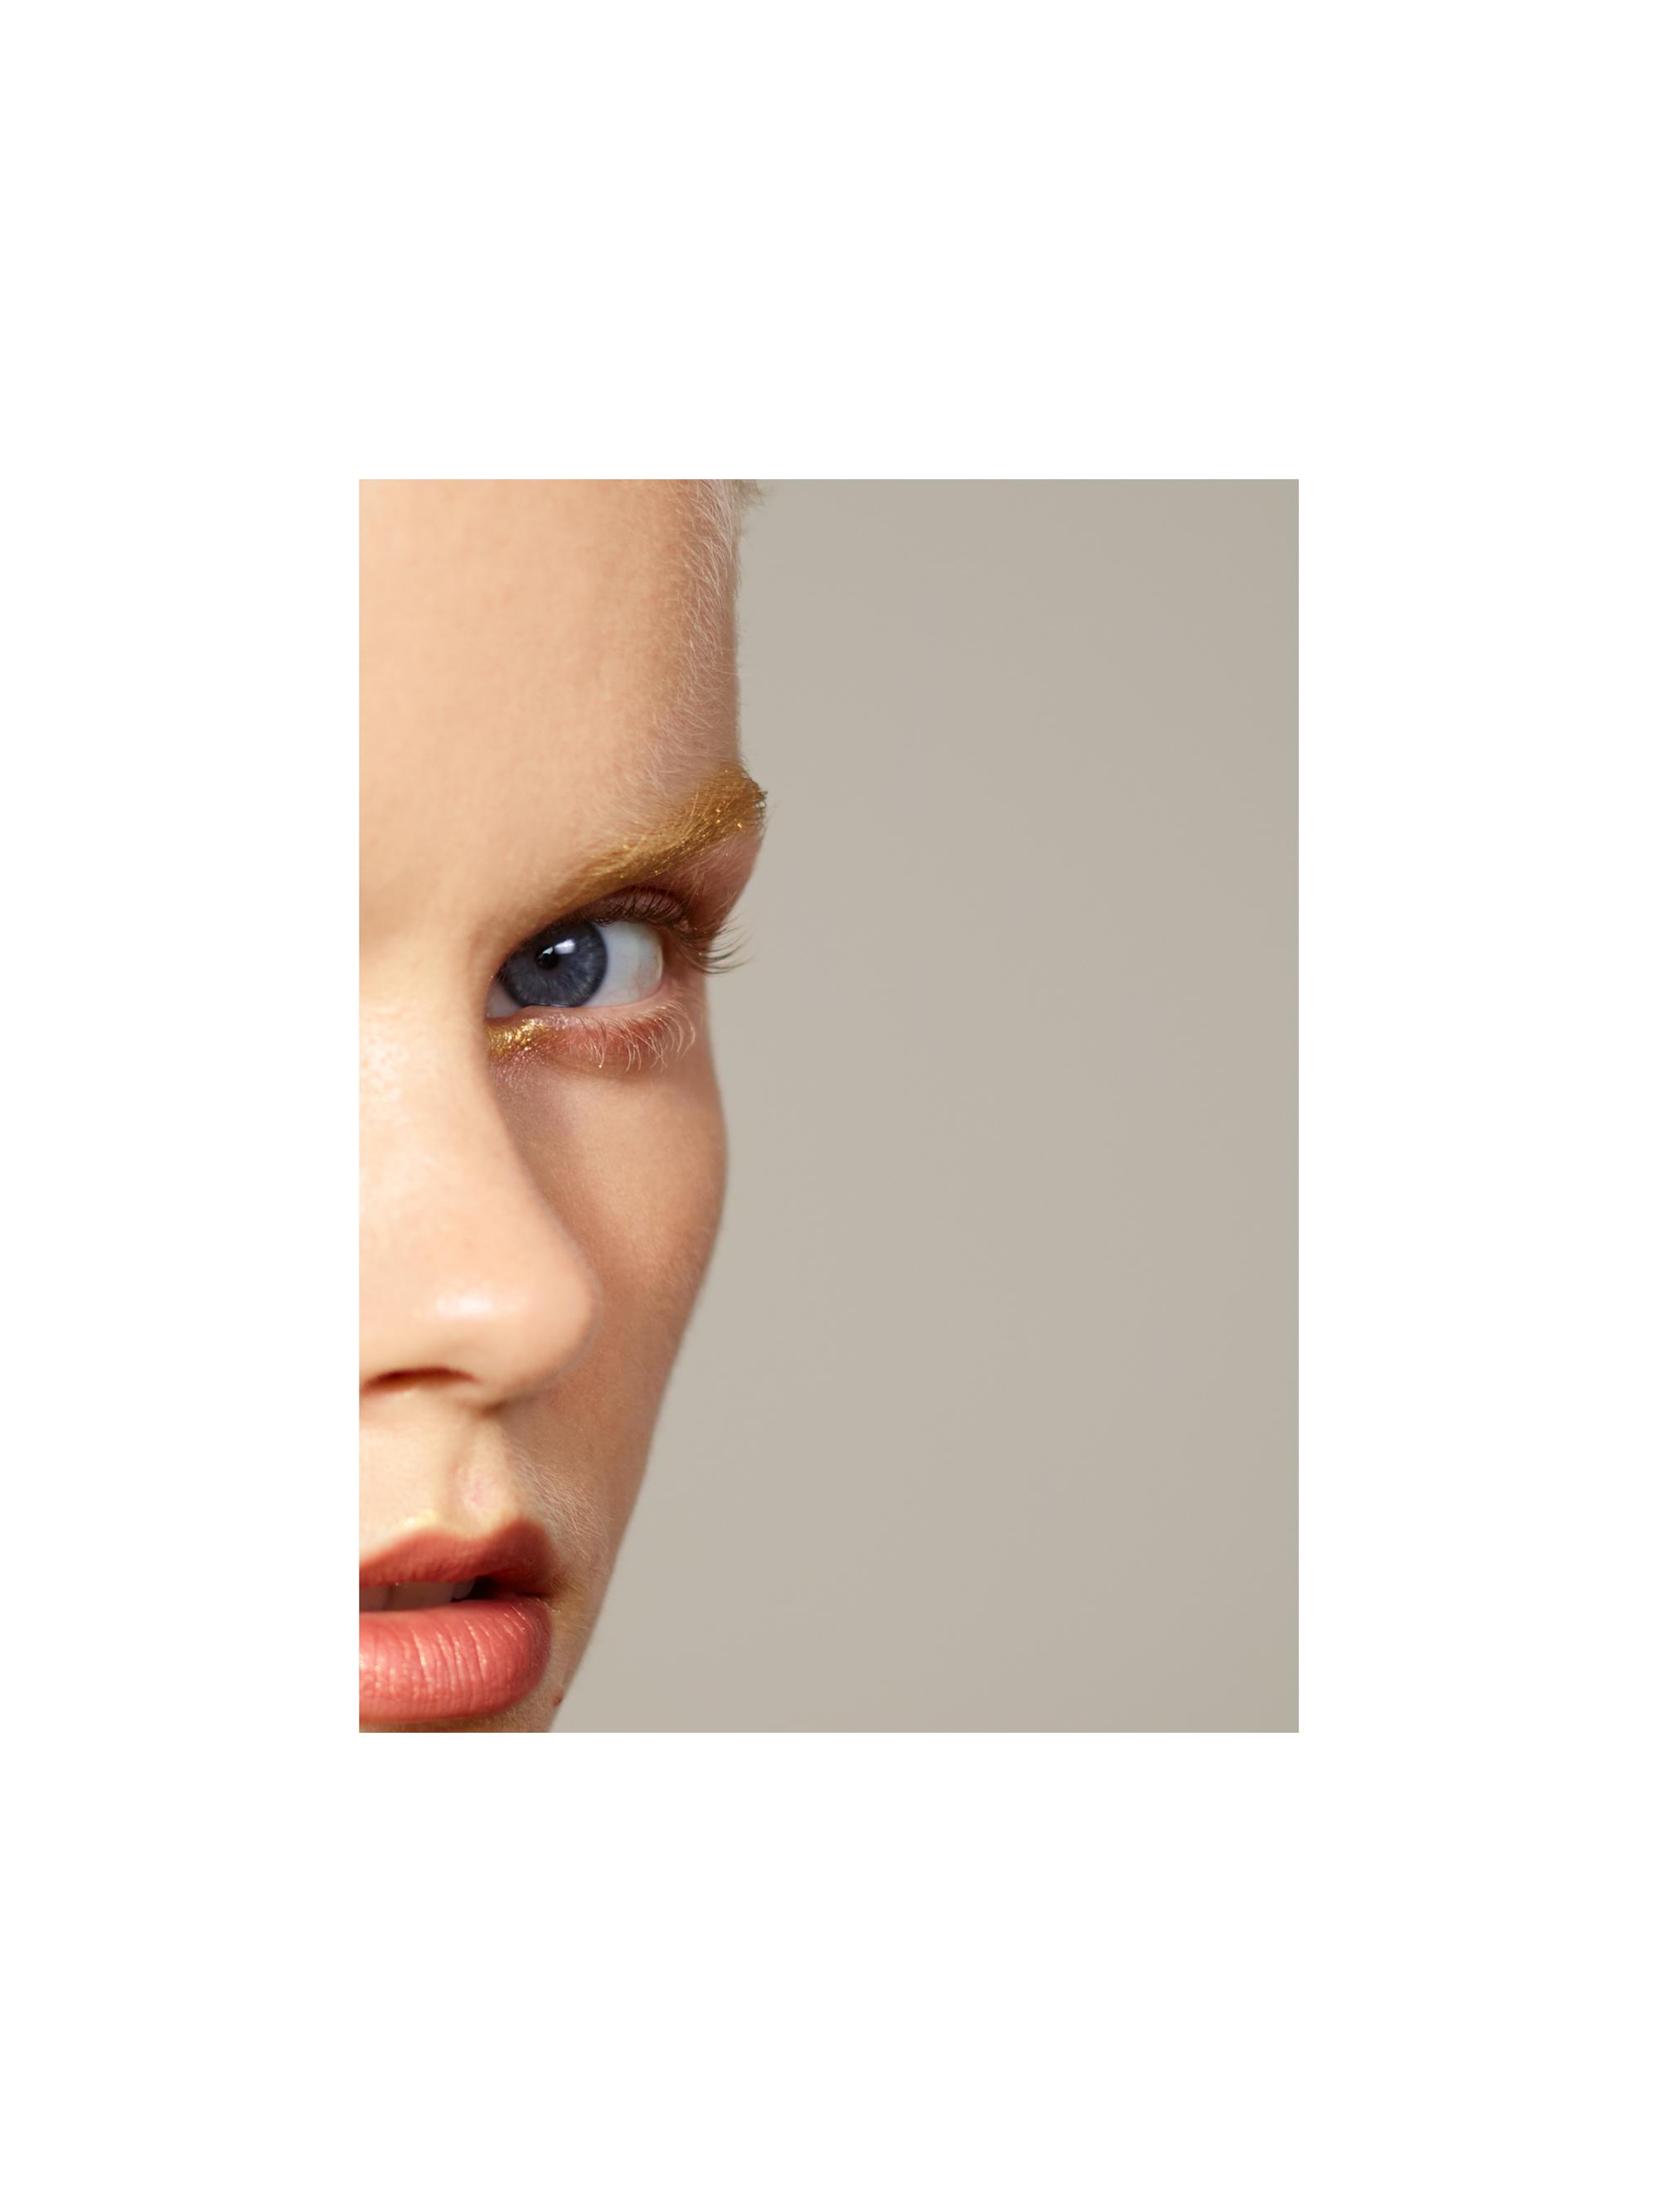 LINDE_LOOK-1b_CROP.jpg